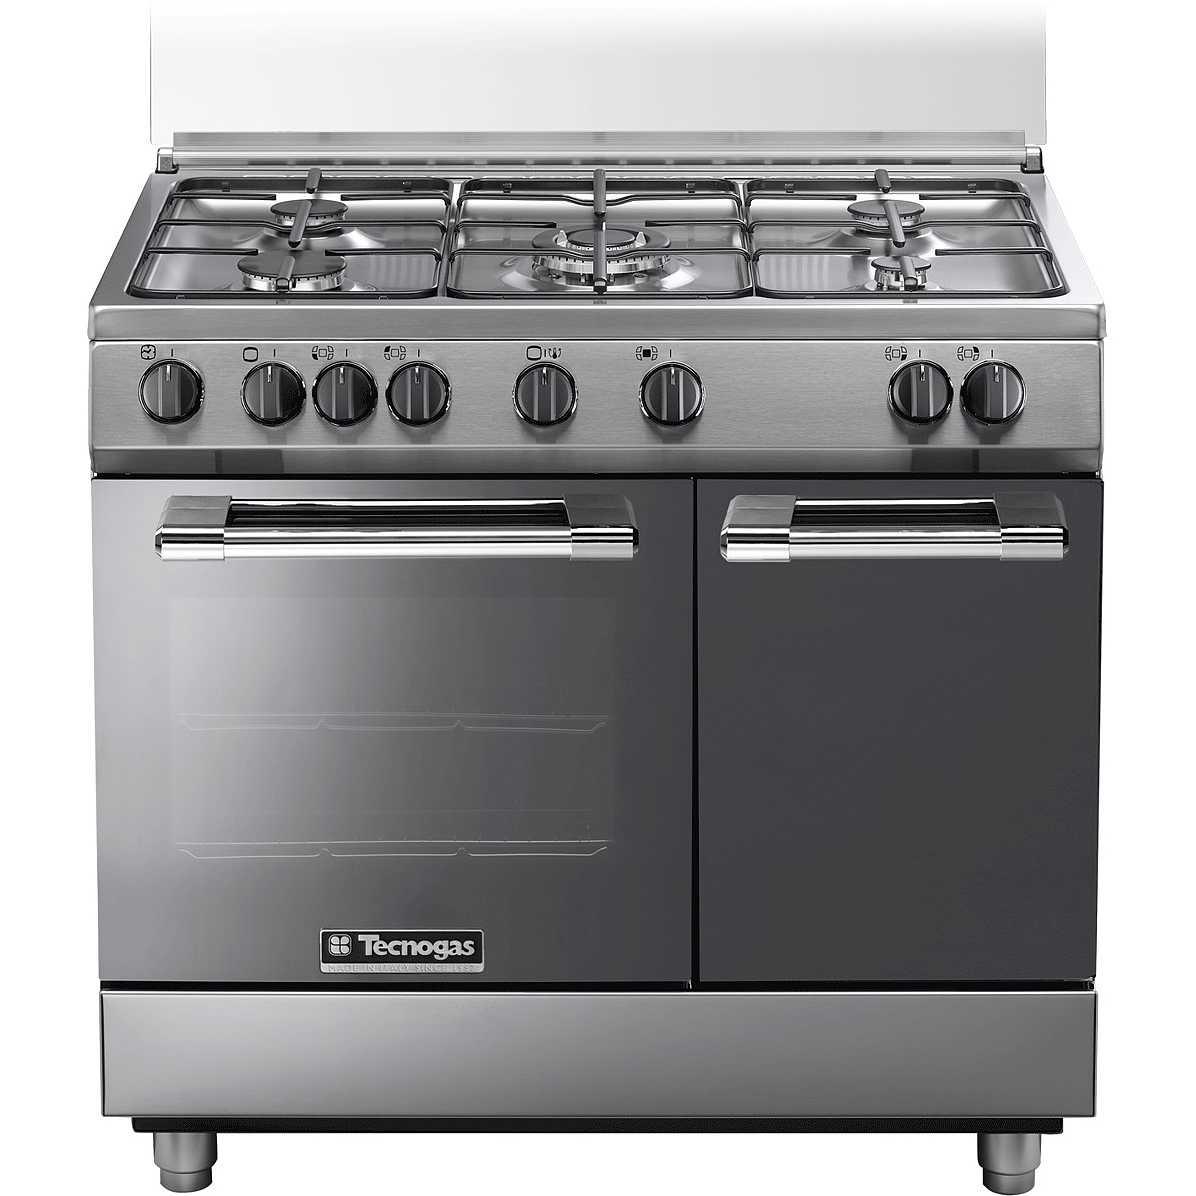 Captivating Tecnogas PB965GVX Cucina 90x60 5 Fuochi A Gas Forno A Gas Ventilato Con  Grill Elettrico 59